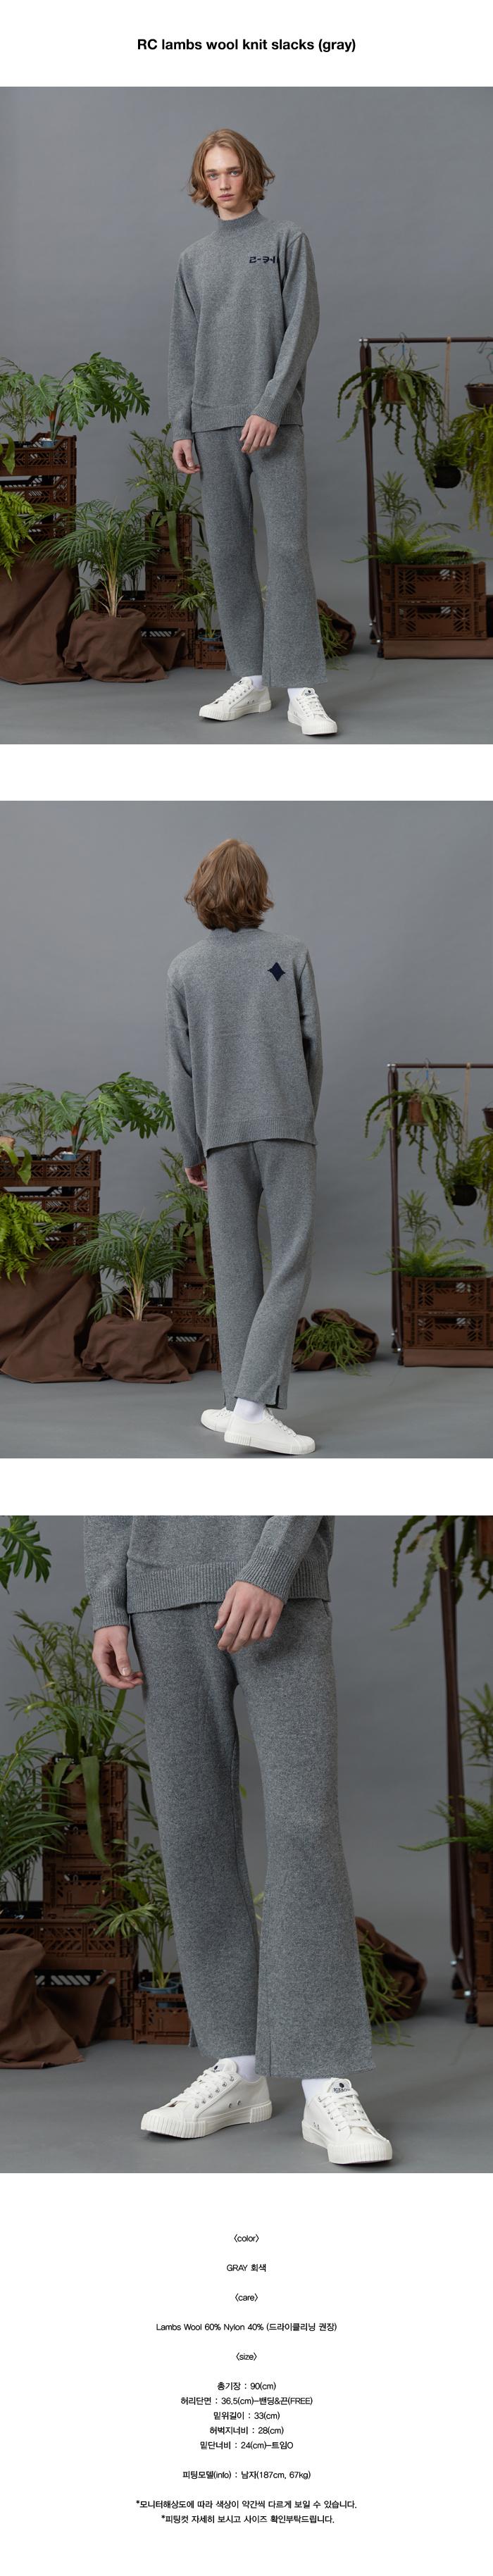 리플레이컨테이너(REPLAY CONTAINER) RC lambs wool knit slacks (gray)